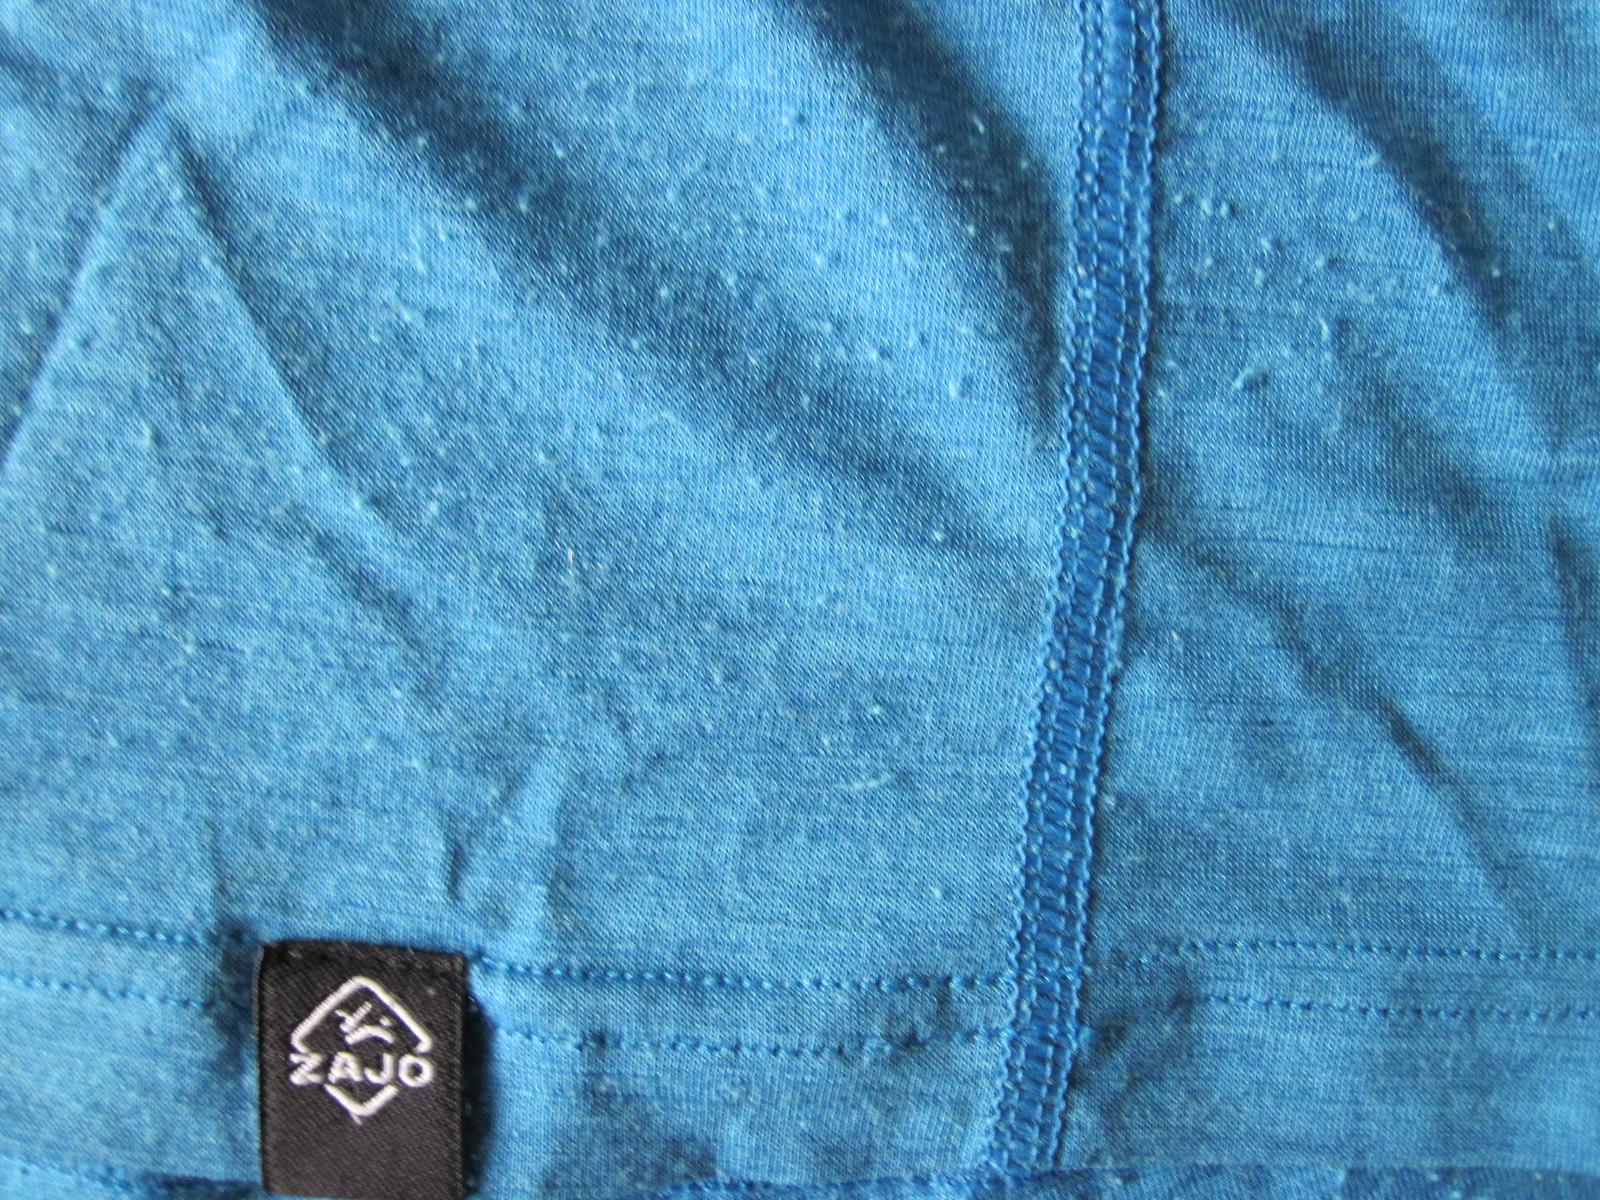 Zajo Merino Tričko švi sú spracované veľmi kvalitne, to sa musí uznať